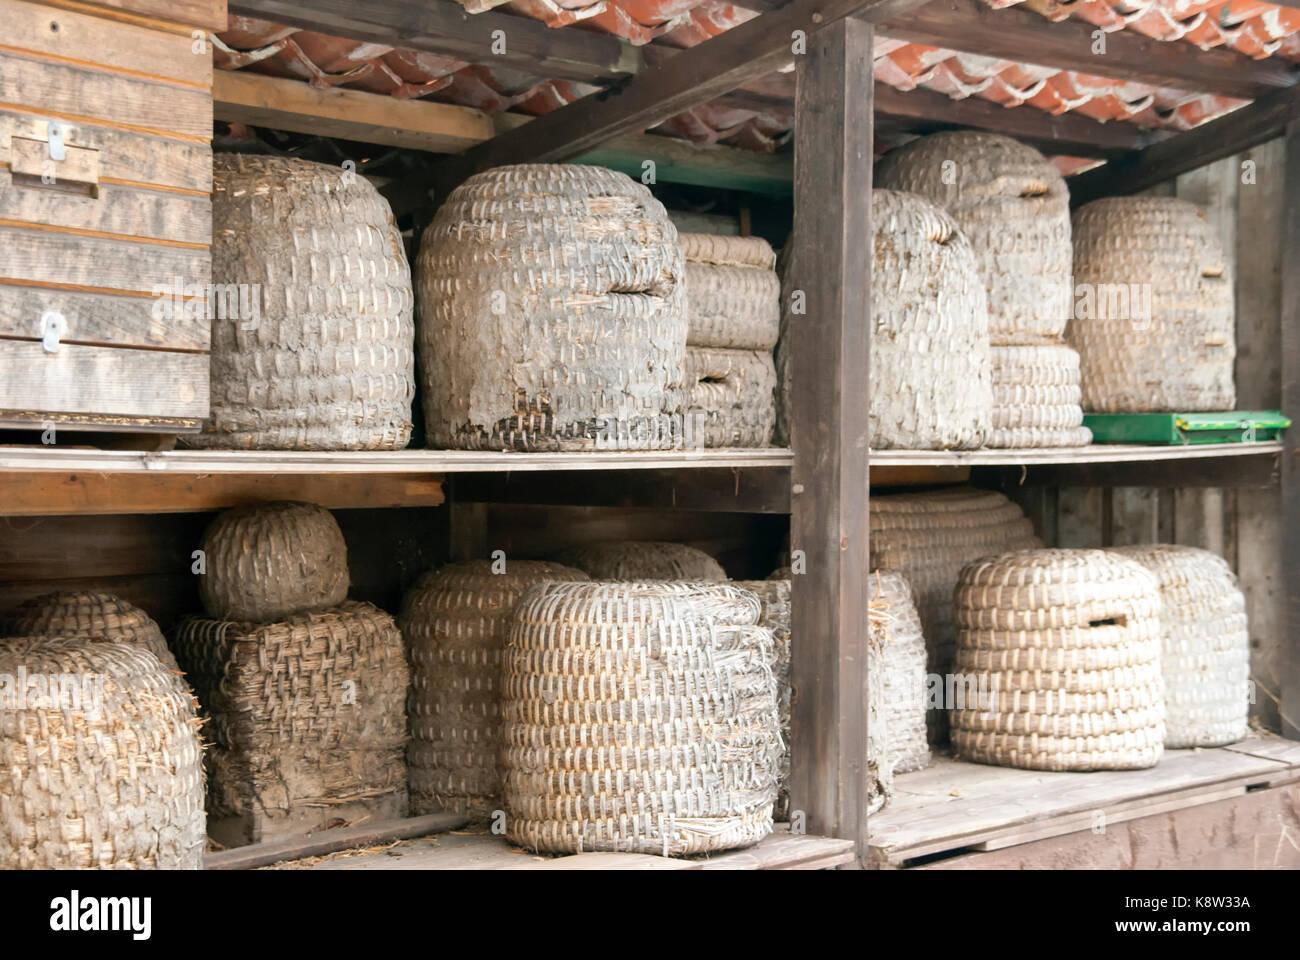 Bienenstöcke für die Honigerzeugung Stockbild